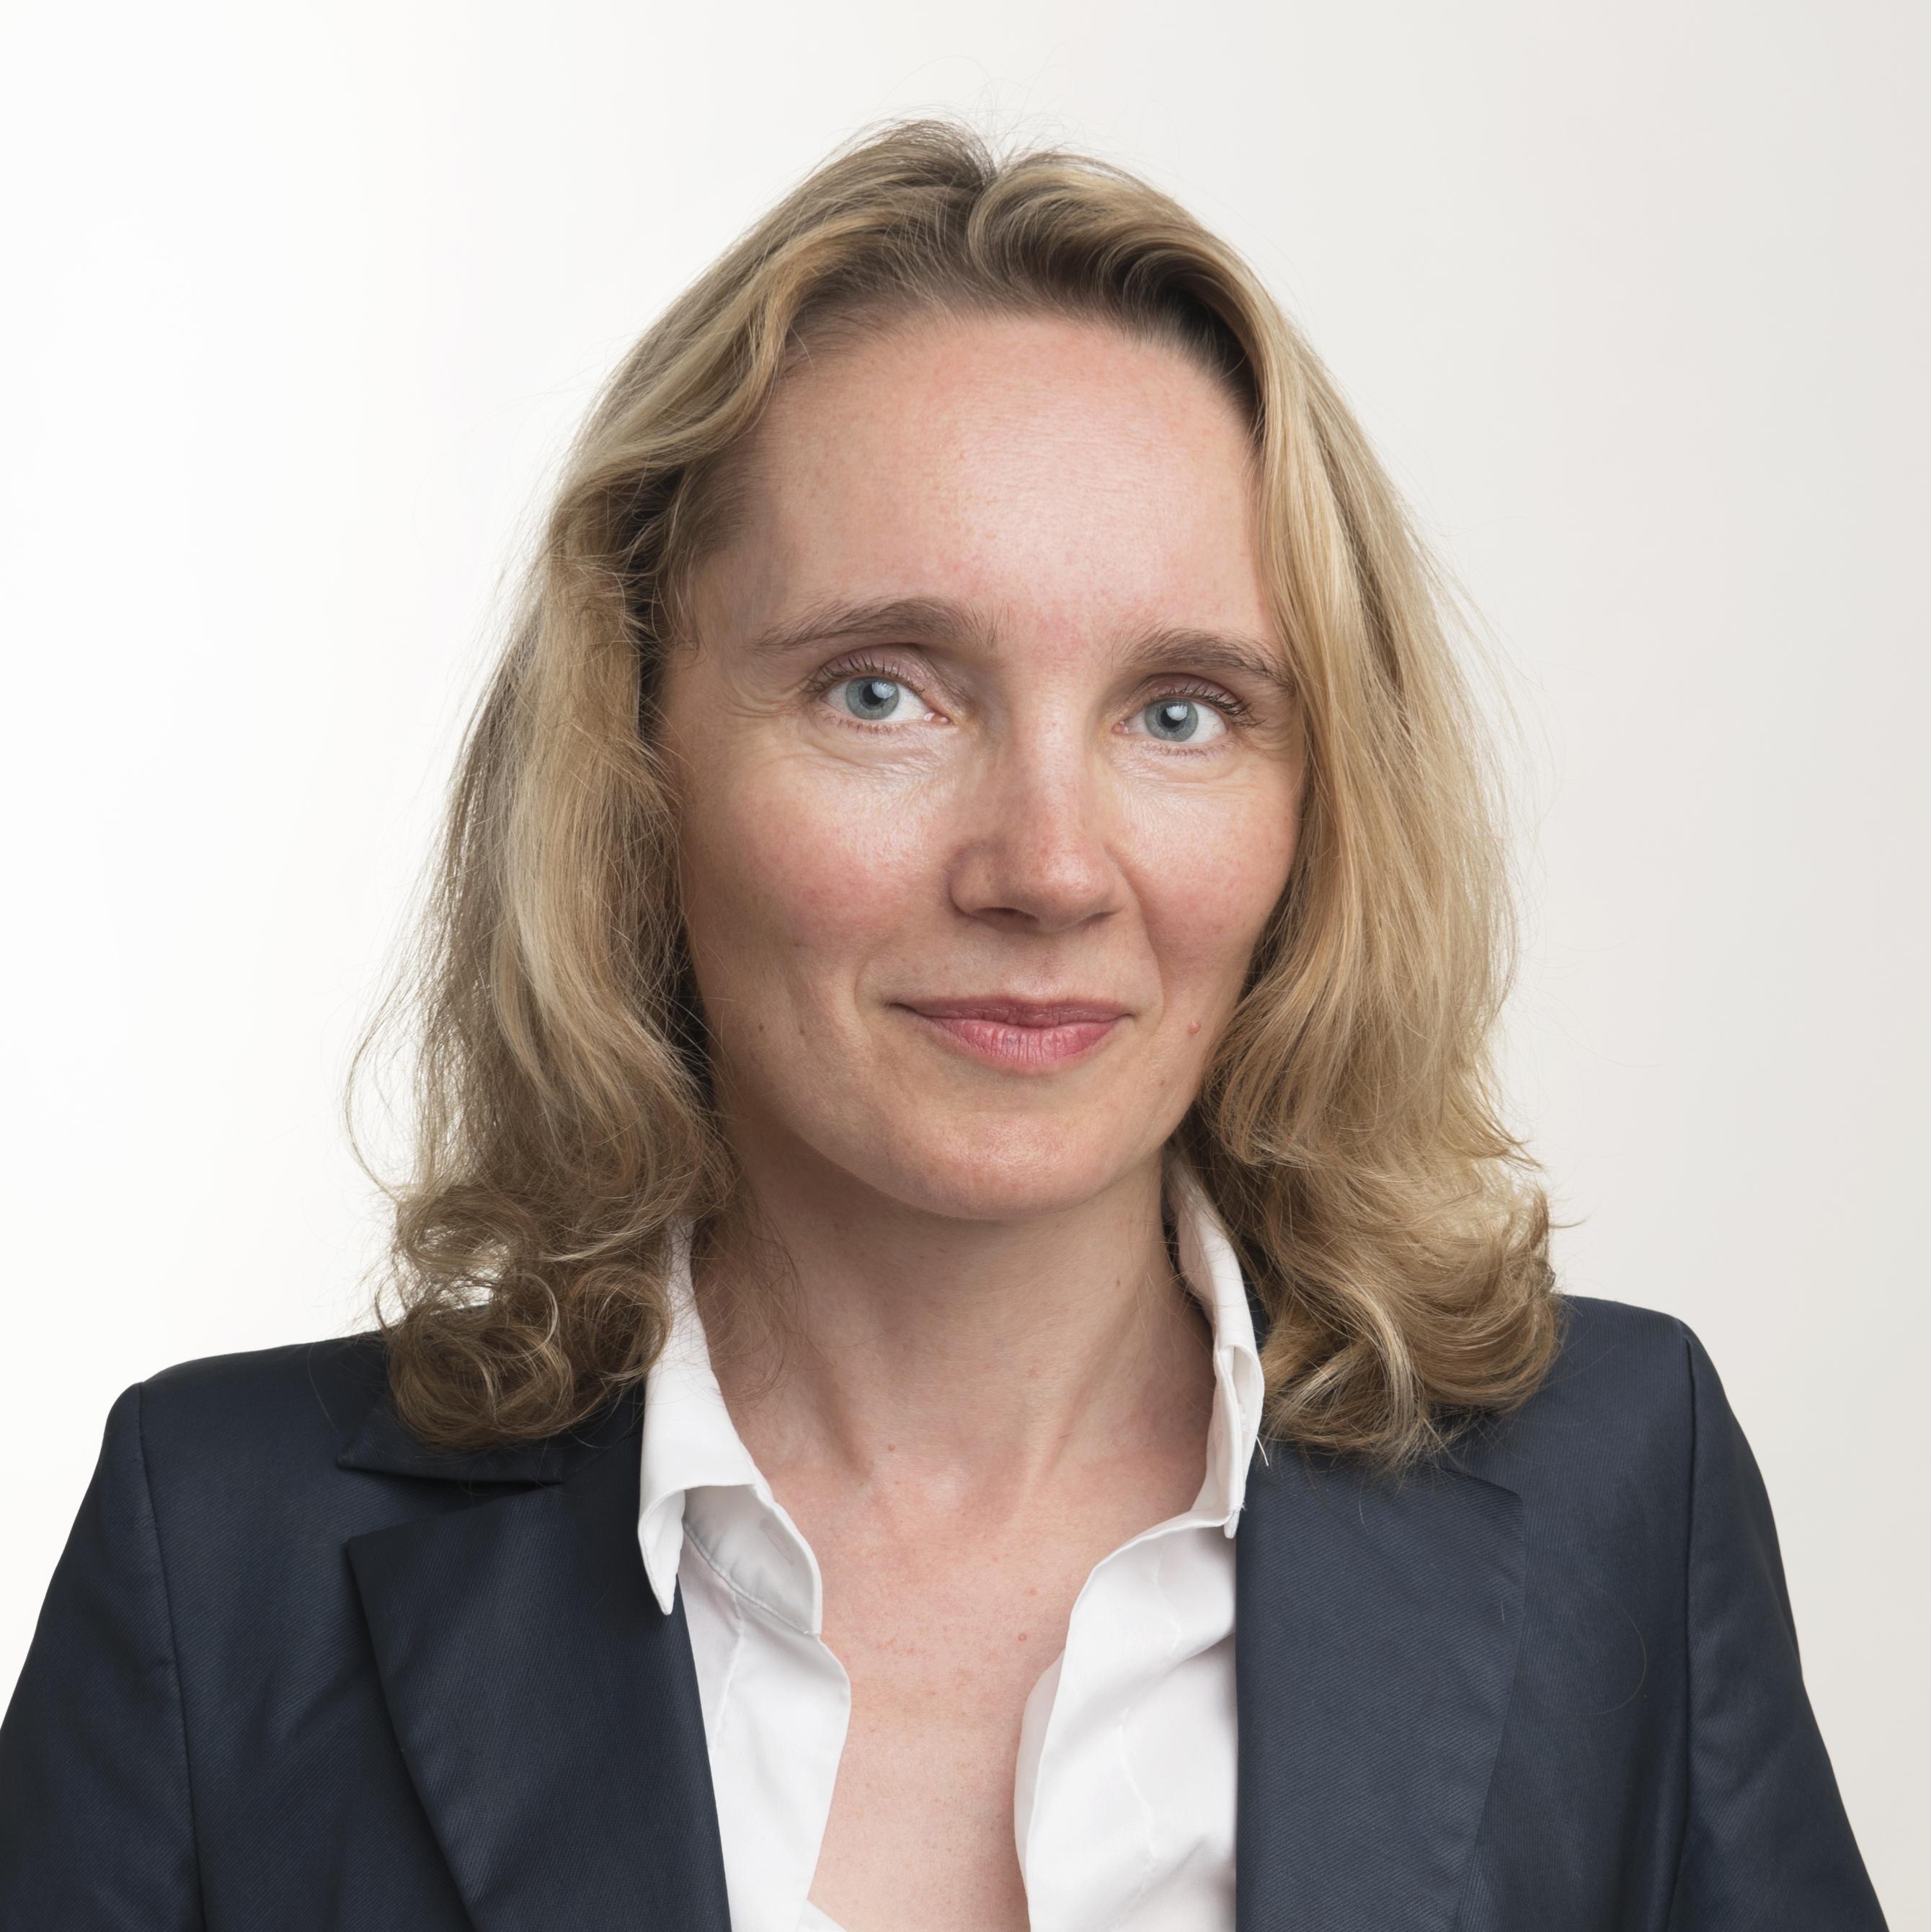 Juliette Sénéchal